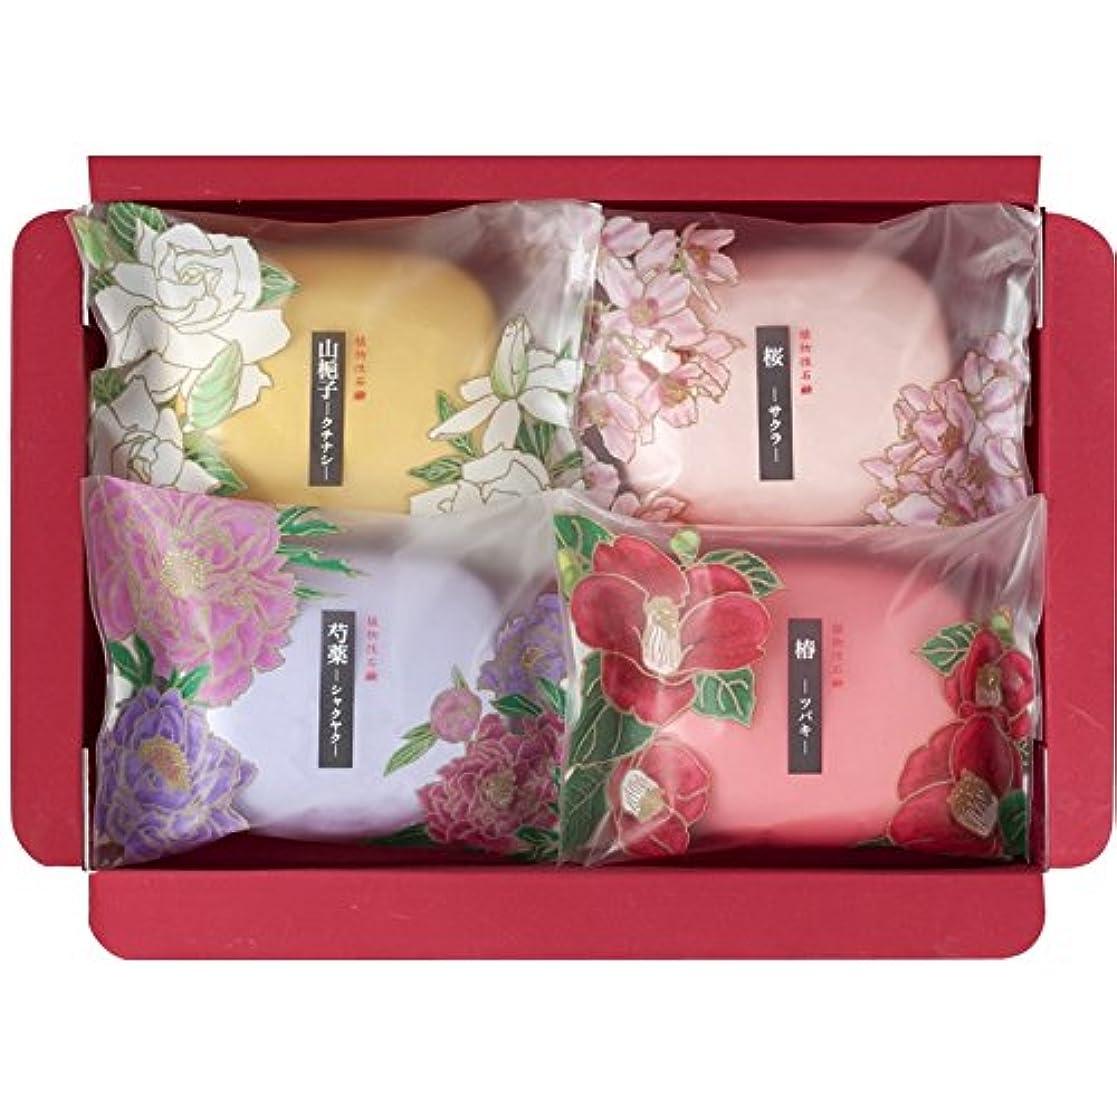 九時四十五分ふりをするヒゲクジラ彩花だより SAK-05 【石けん 石鹸 うるおい いい香り 固形 詰め合わせ セット 良い香り 美容 個包装 肌に優しい 日本製】